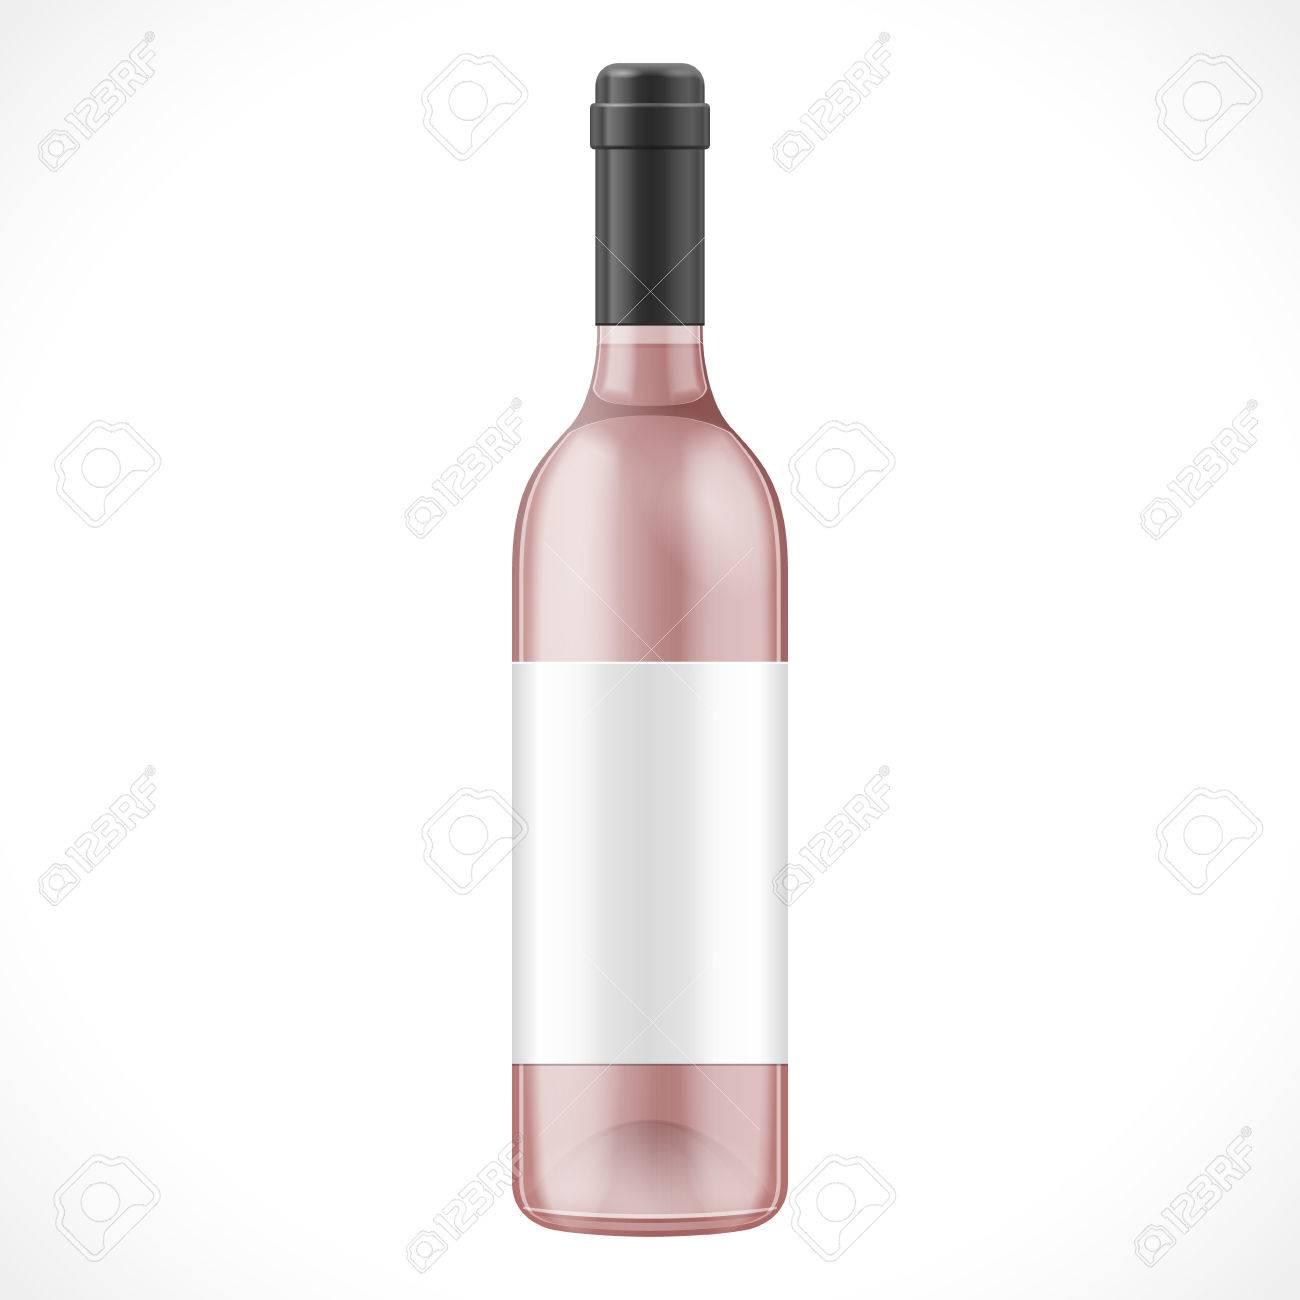 Rosa Glas-Wein-Apfelwein-Flasche Mit Etikett. Illustration Isoliert ...